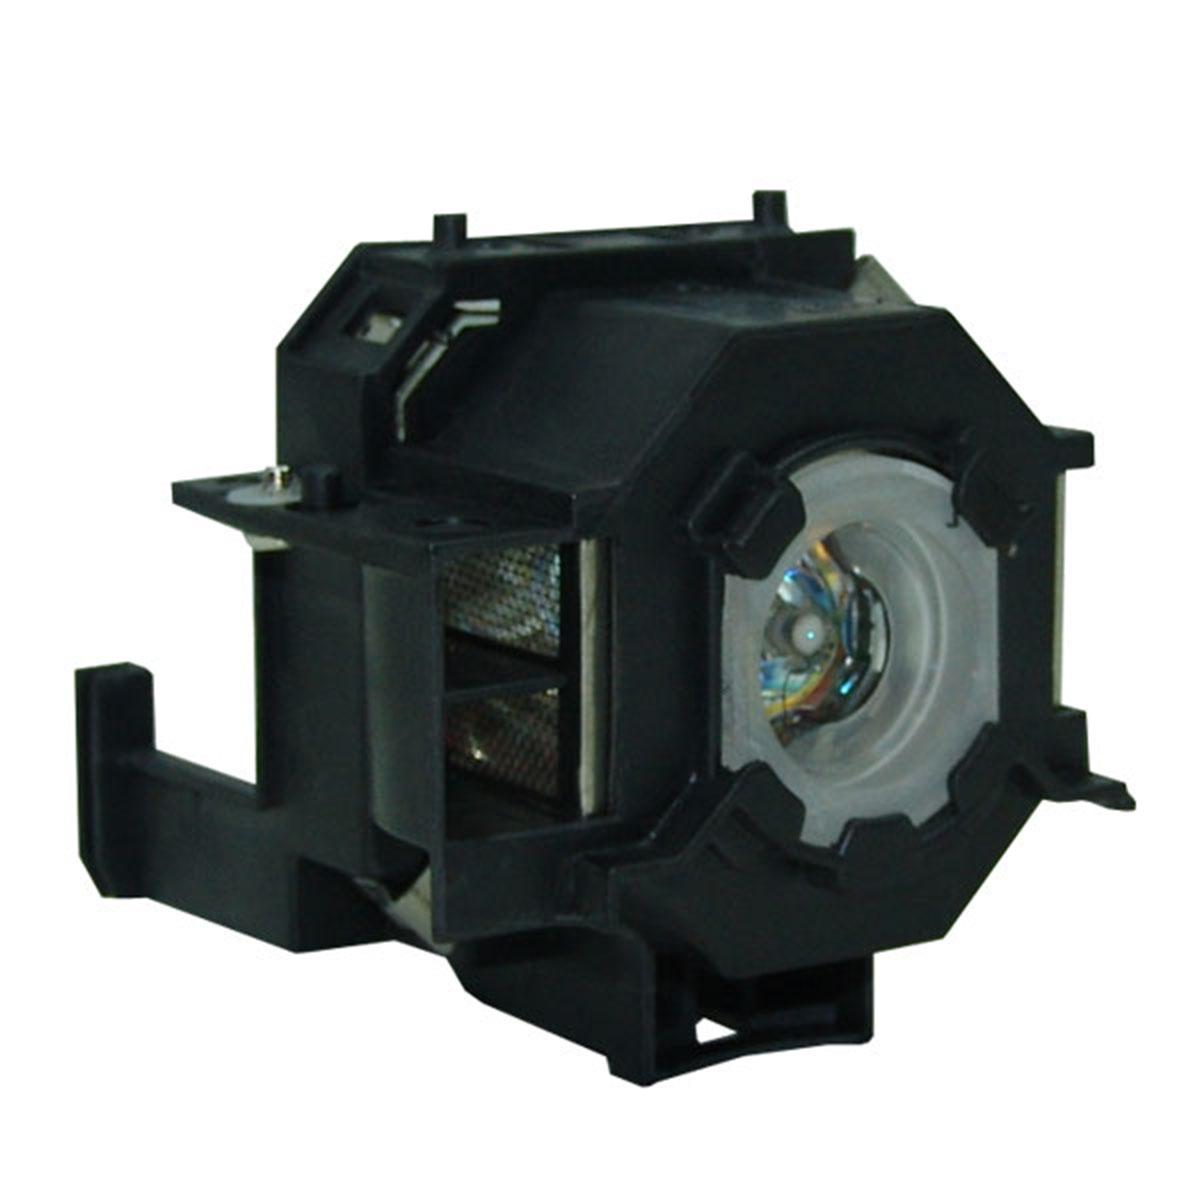 OEM EPSON ELPLP41 Projector Lamp for PowerLite Cinema 700,S6,S5,77C,78,EX70,EX50